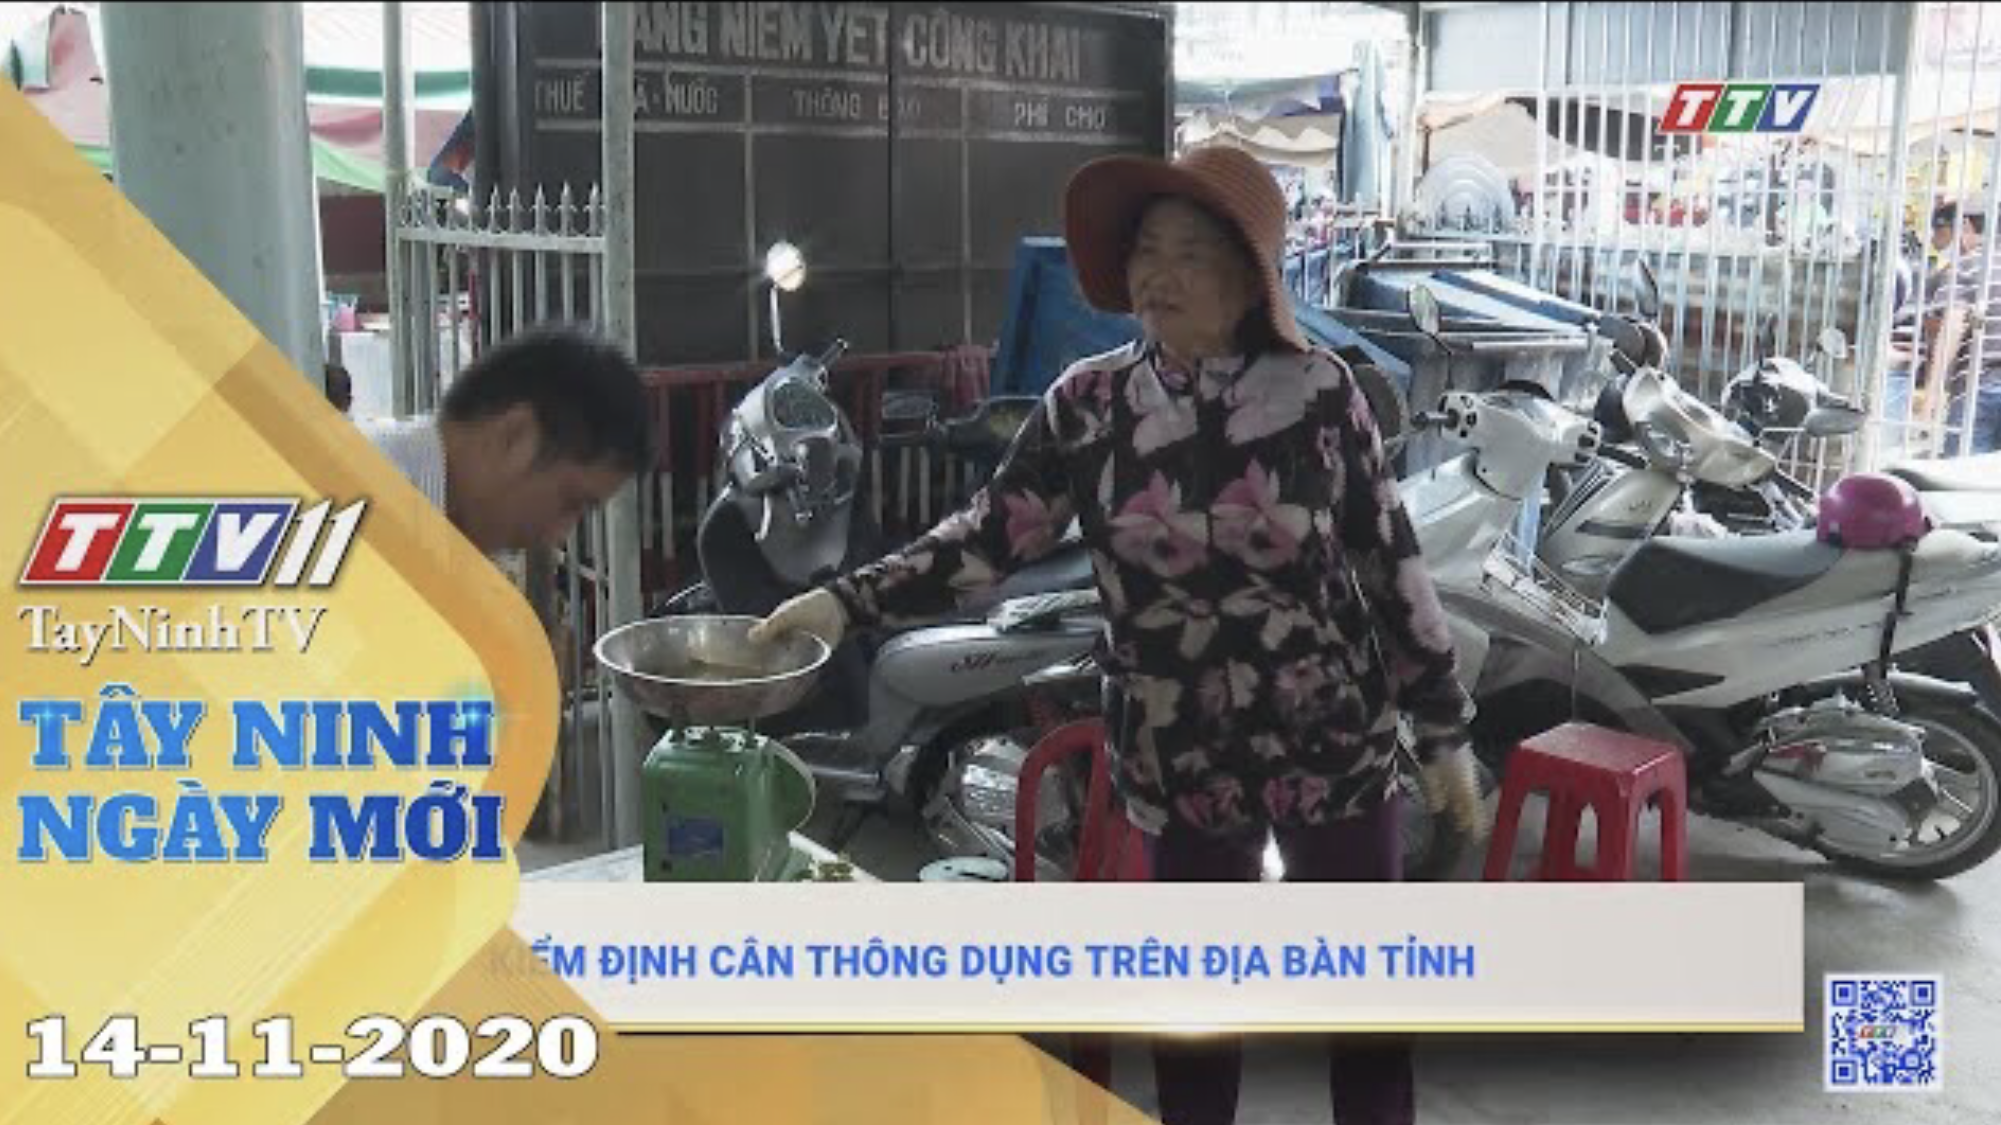 Tây Ninh Ngày Mới 14-11-2020 | Tin tức hôm nay | TayNinhTV